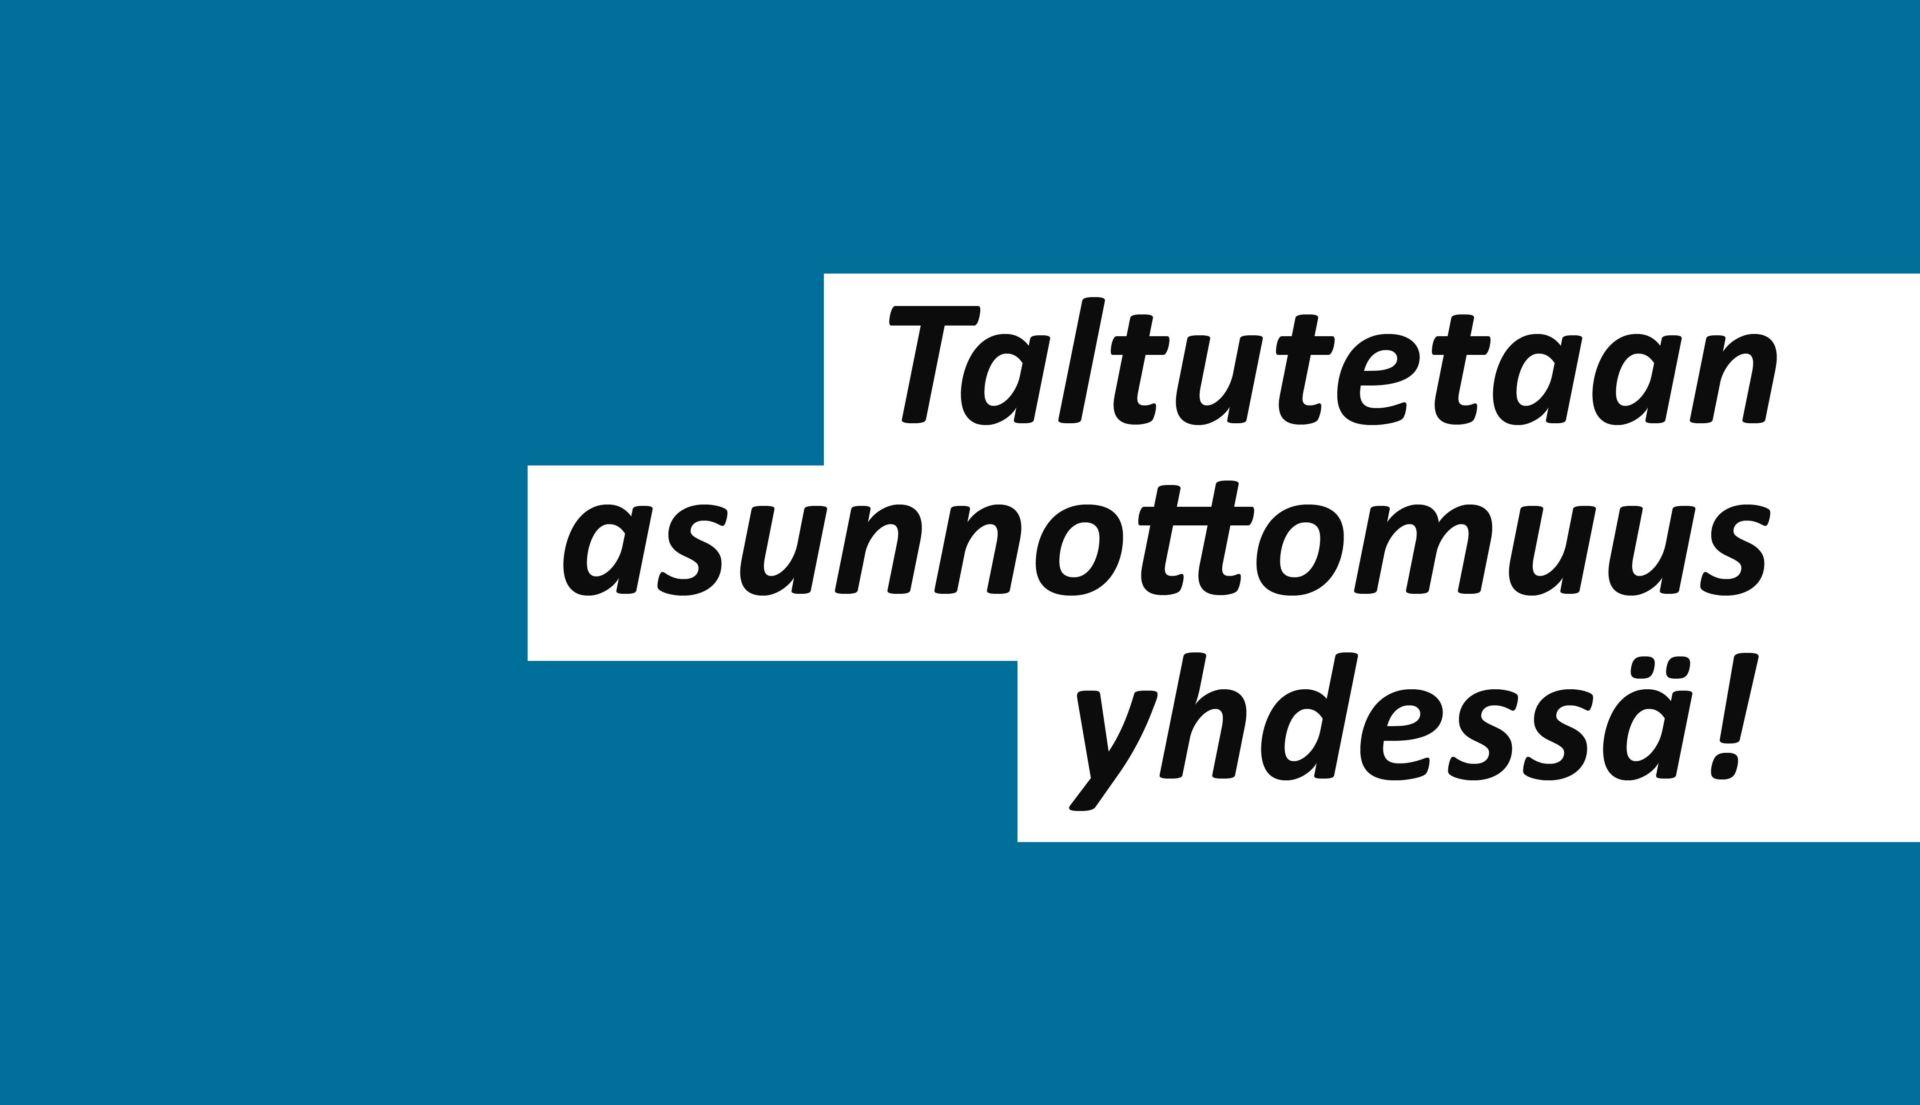 Taltutetaan asunnottomuus yhdessä! -teksti sinisellä taustalla.